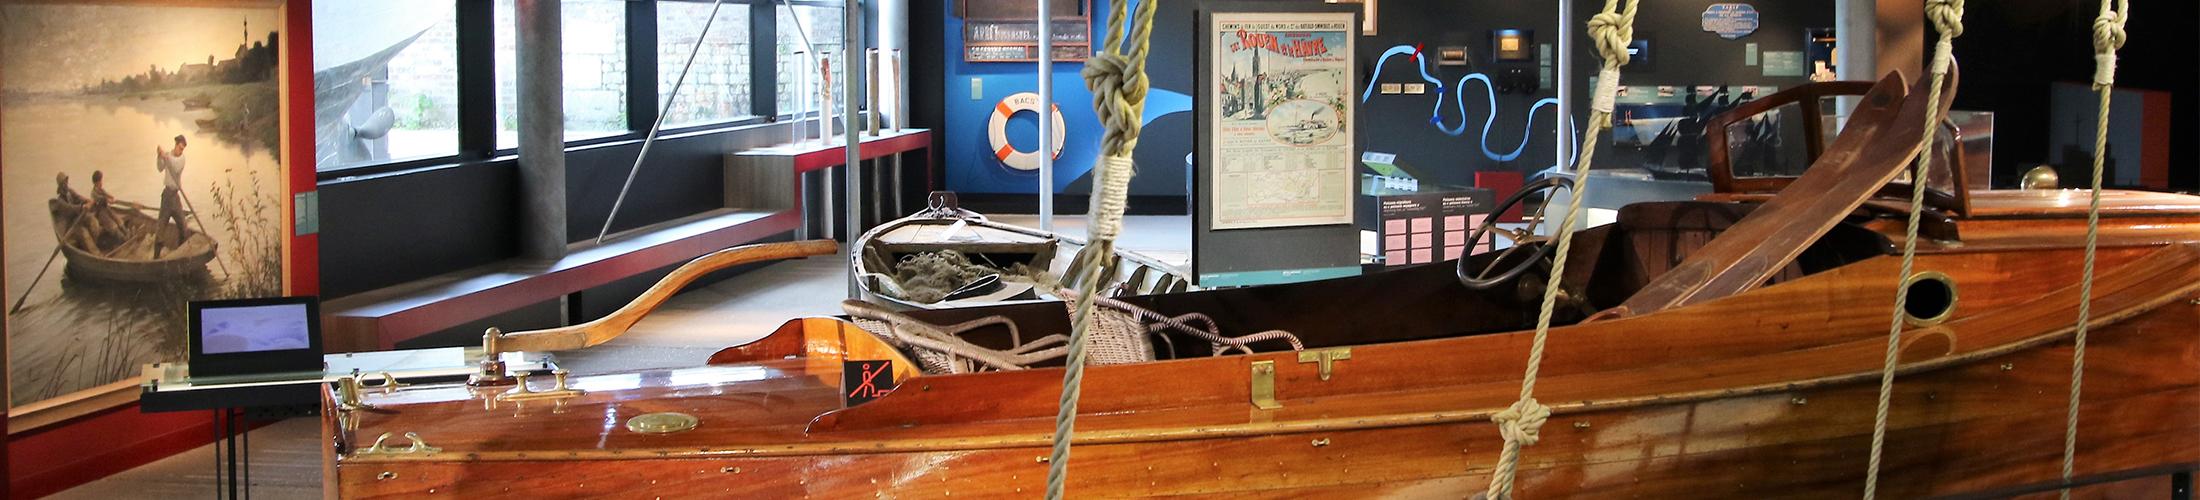 Deux musées vous ouvrent leur porte à Rives-en-Seine pour faire le plein de découvertes culturelles.  MuséoSeine     Musée Victor 1